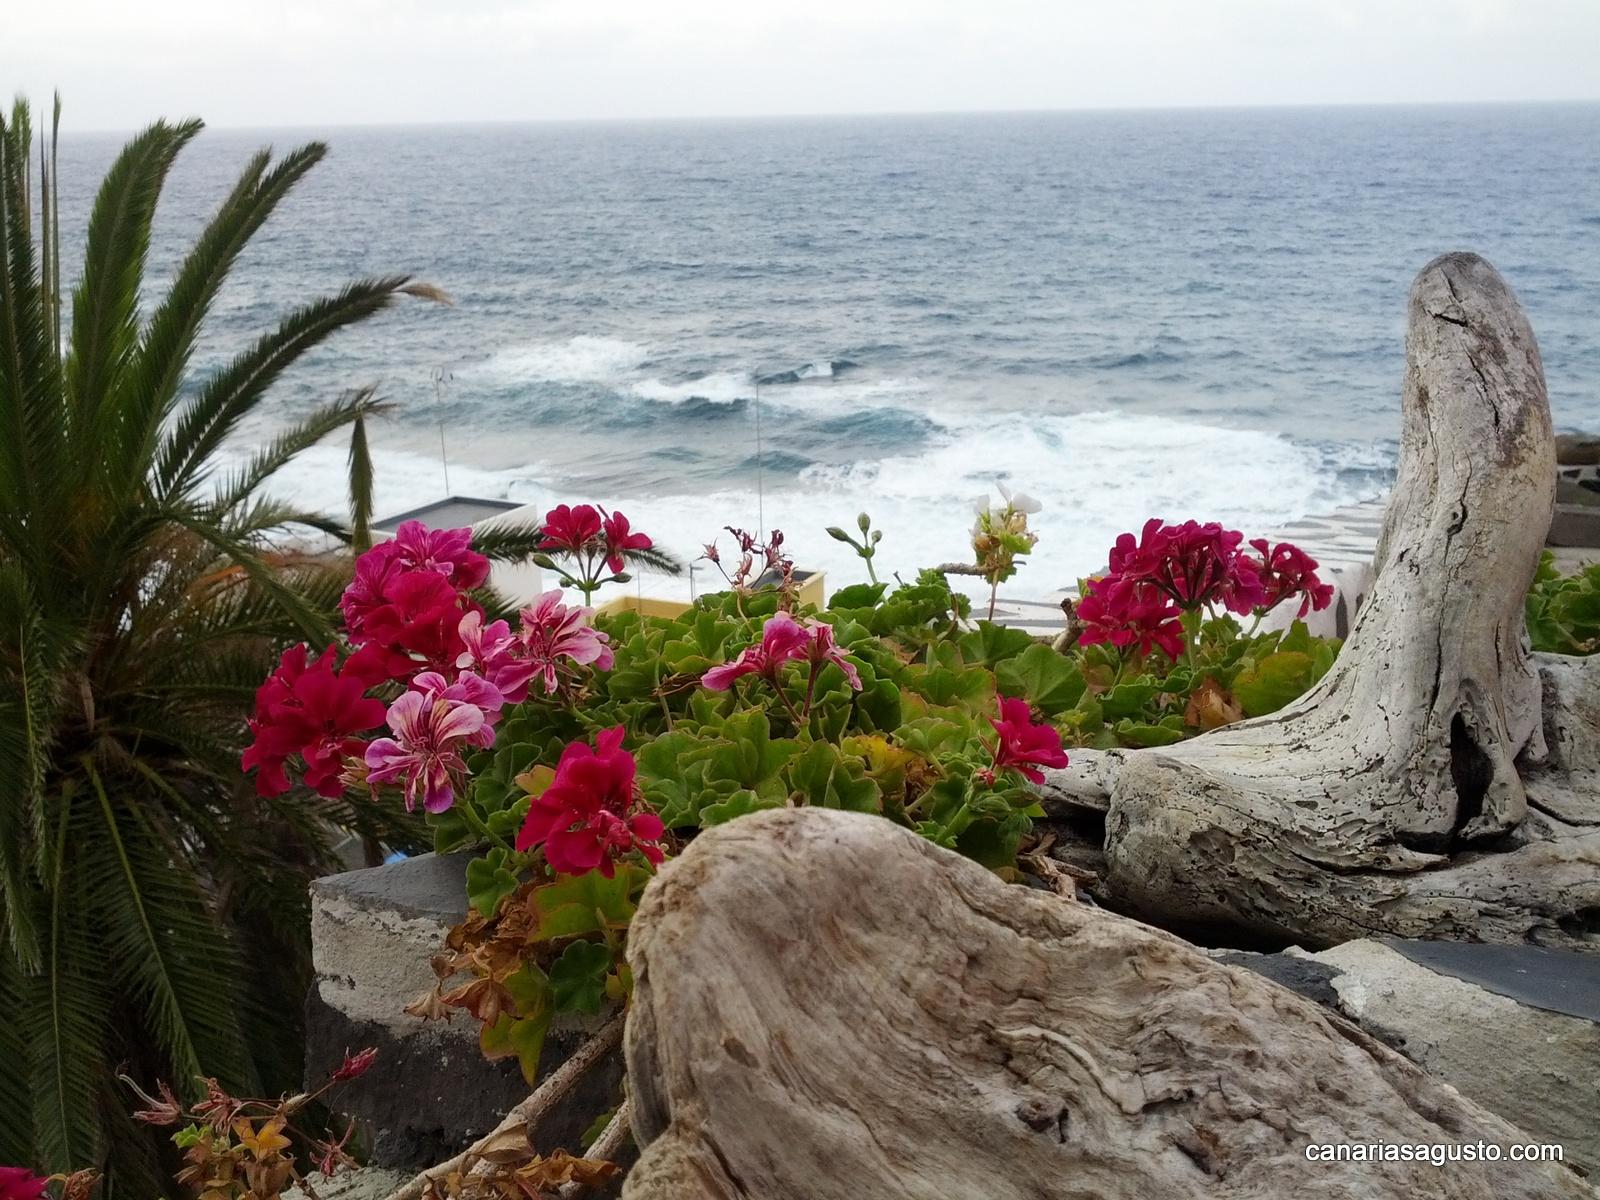 La-Palma-Islas-Canarias-Agosto-2013-61